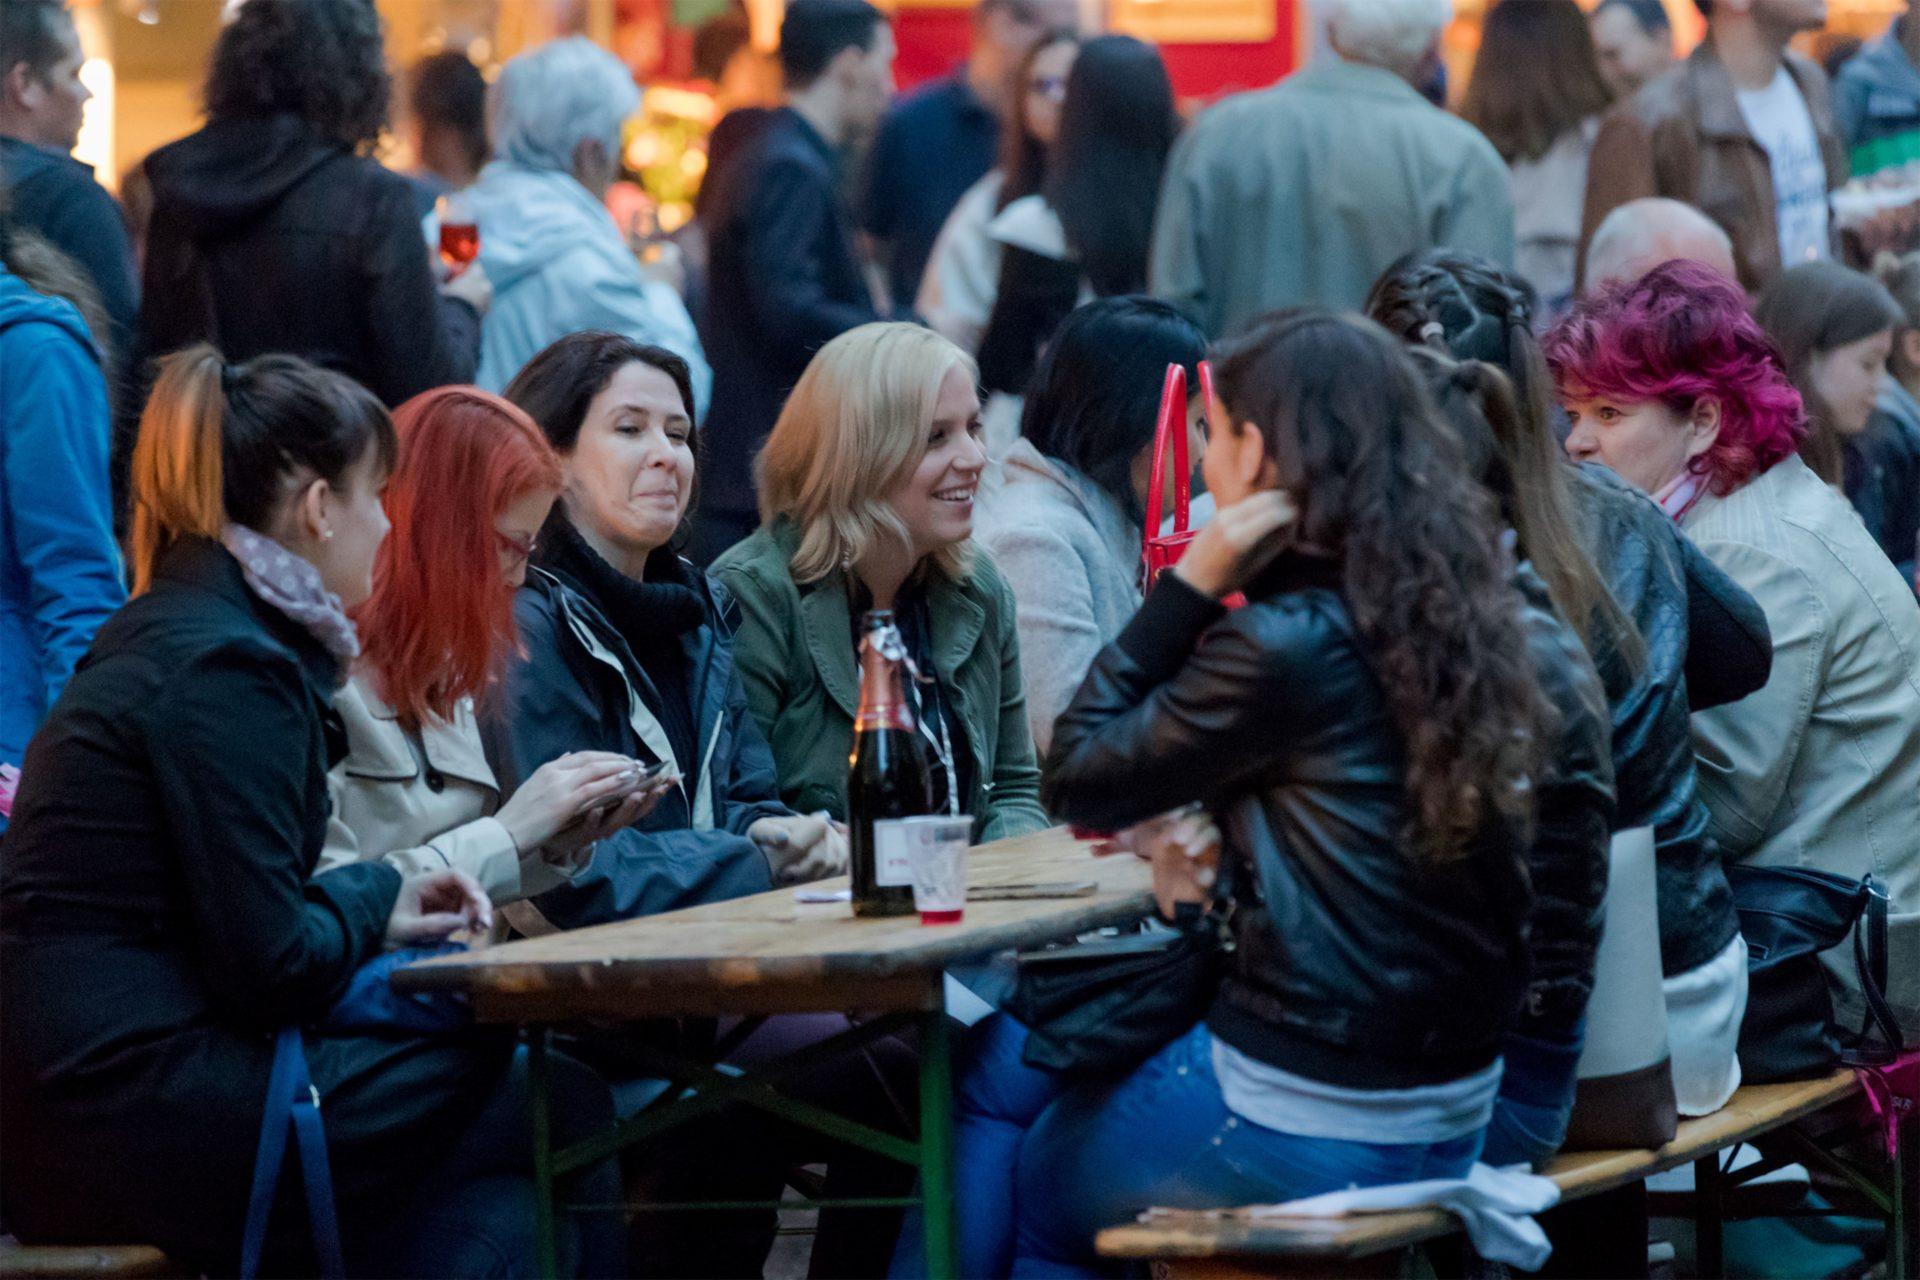 Rekord mennyiségű borászat a Szegedi Borfesztiválon